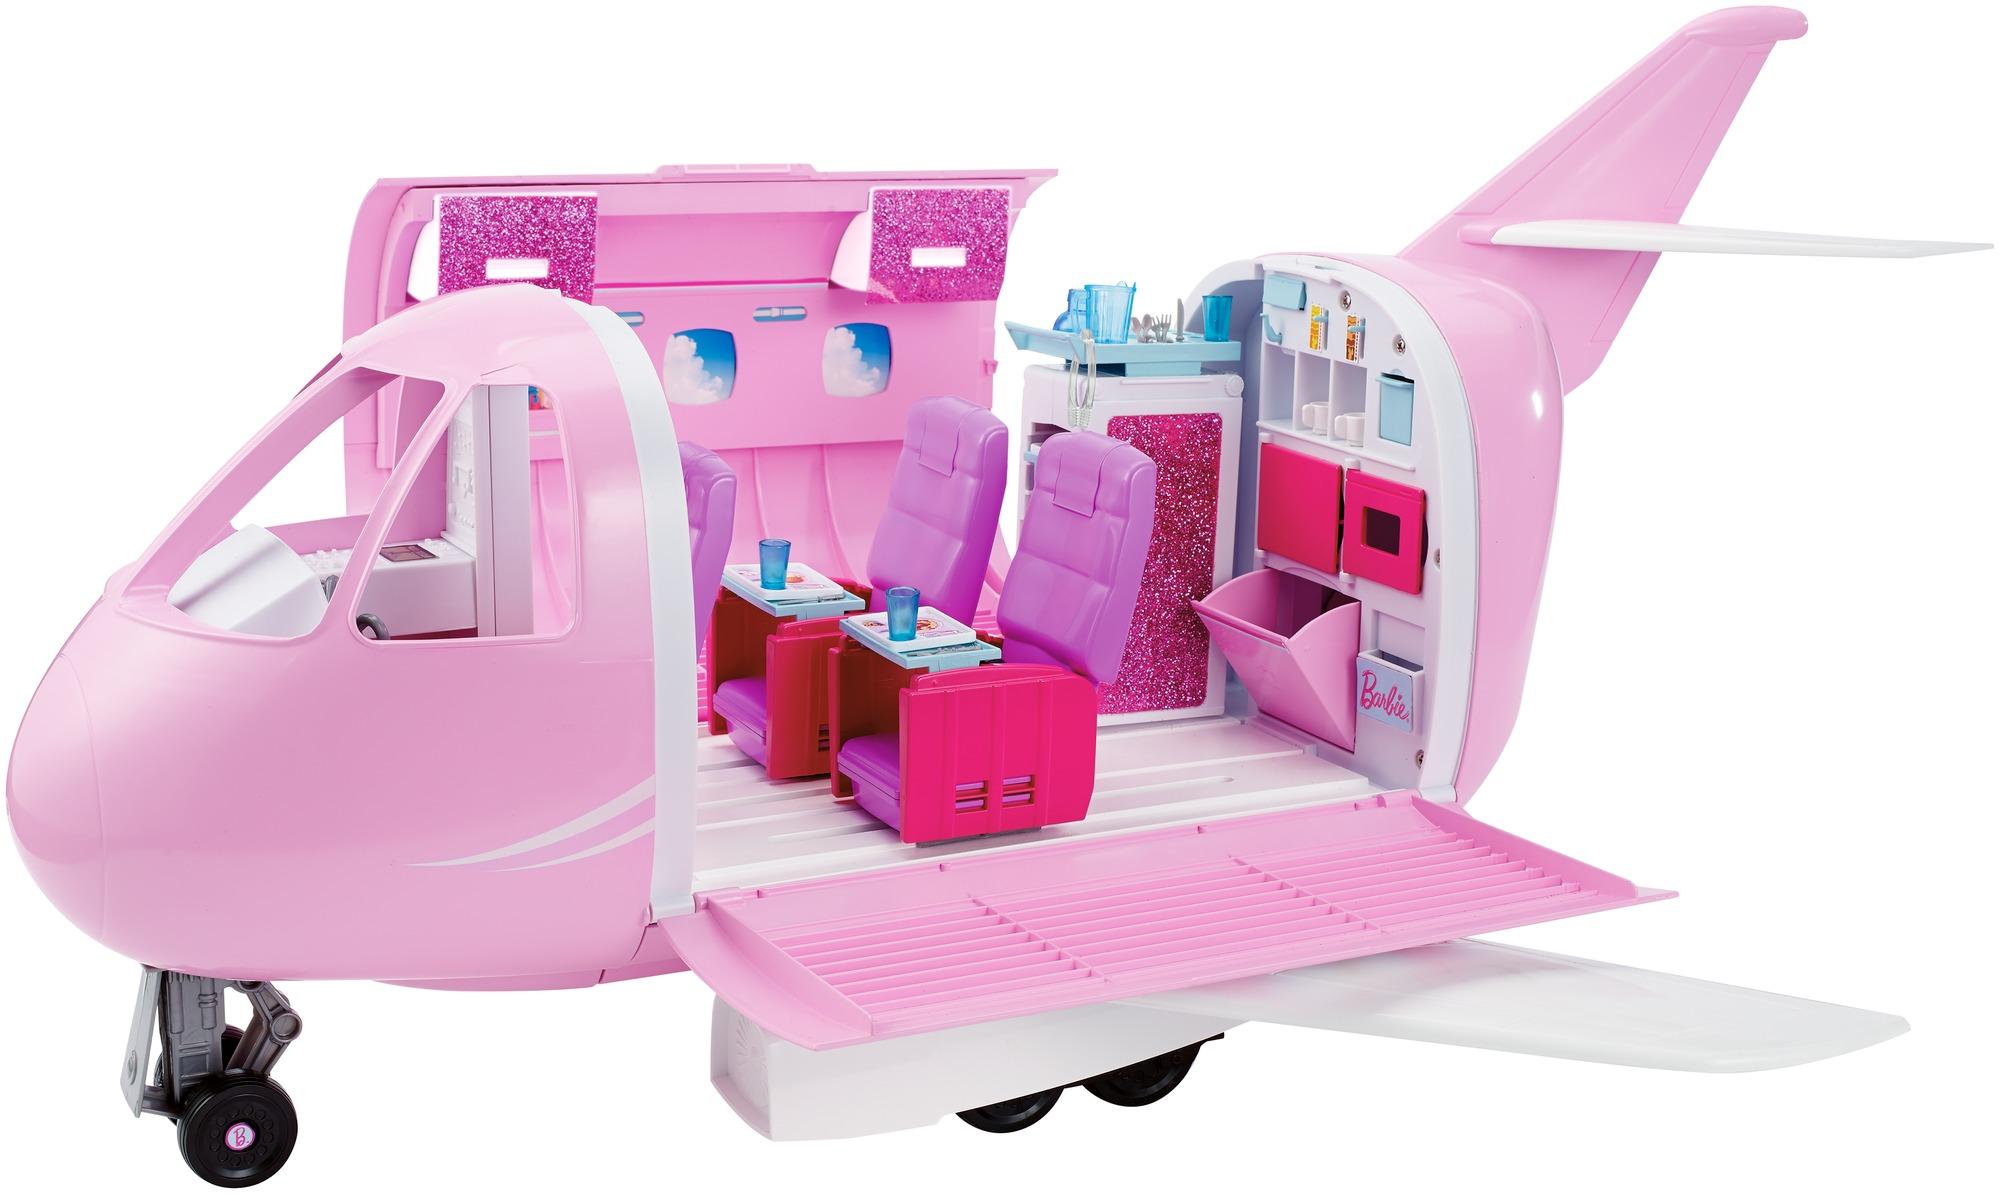 Barbie Jet De Lujo Juguetron